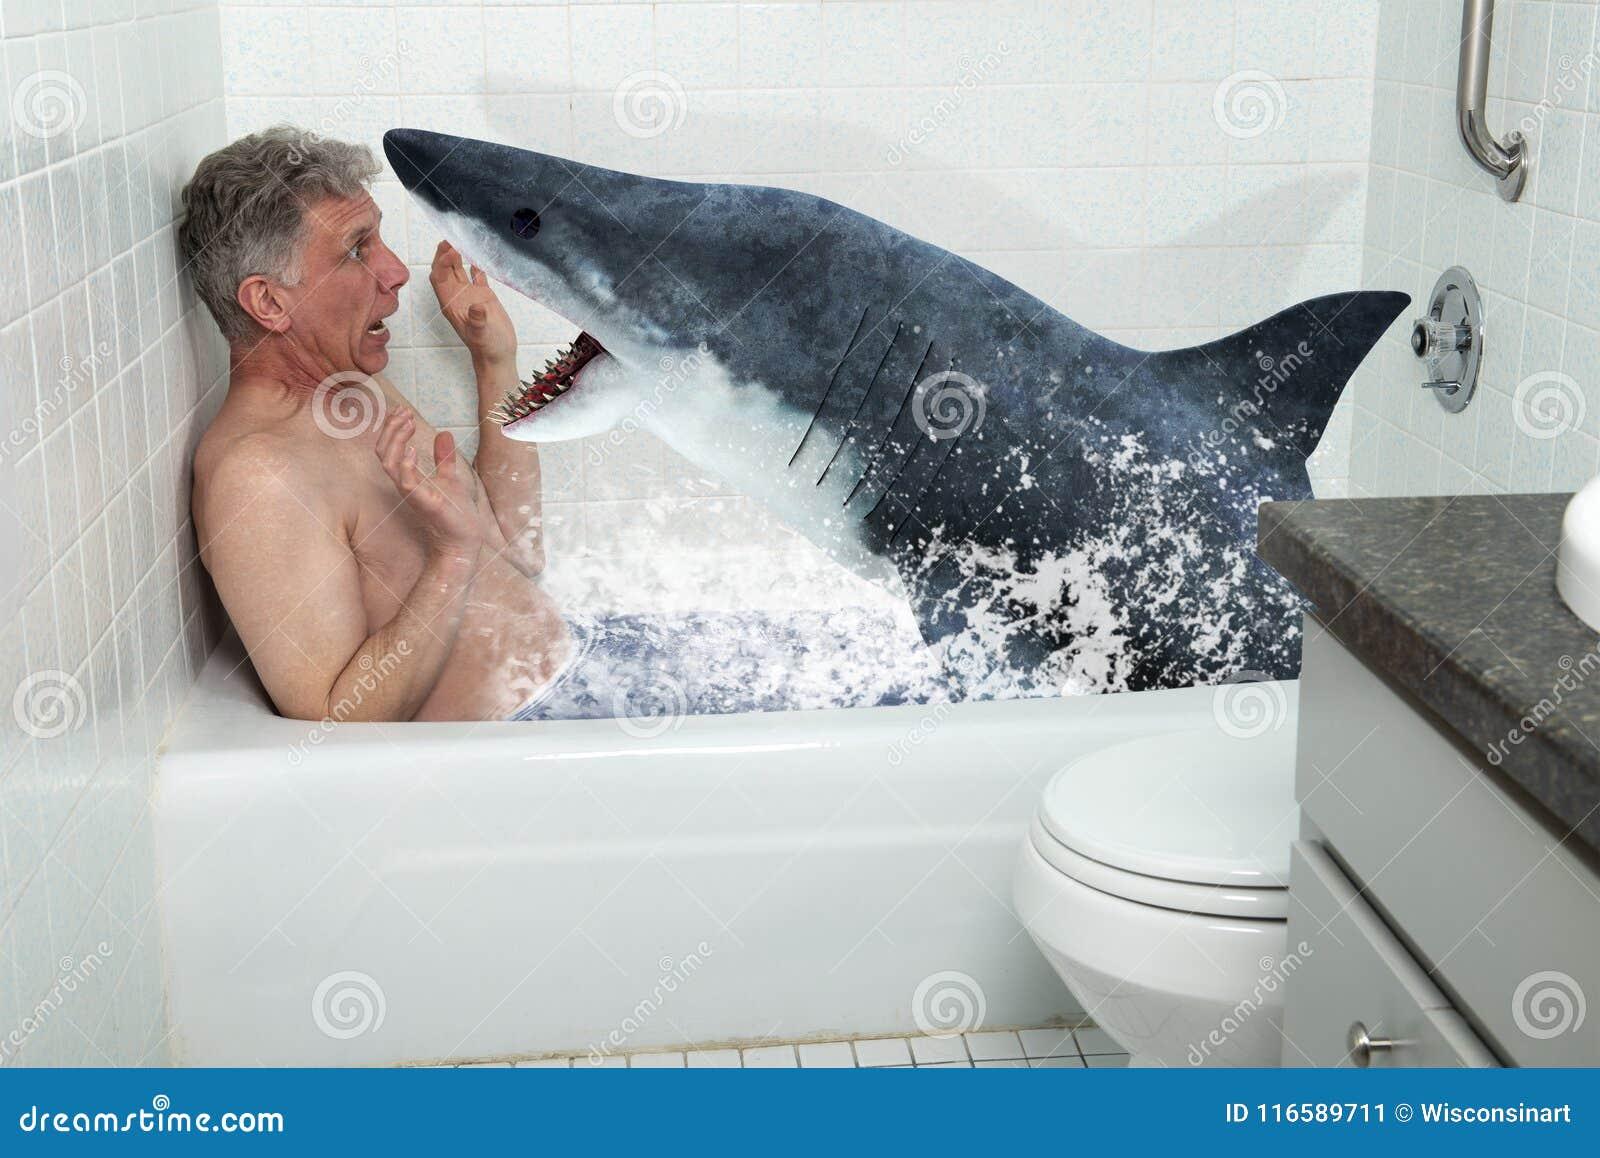 Hombre divertido, tina, bañera, tiburón, bañándose